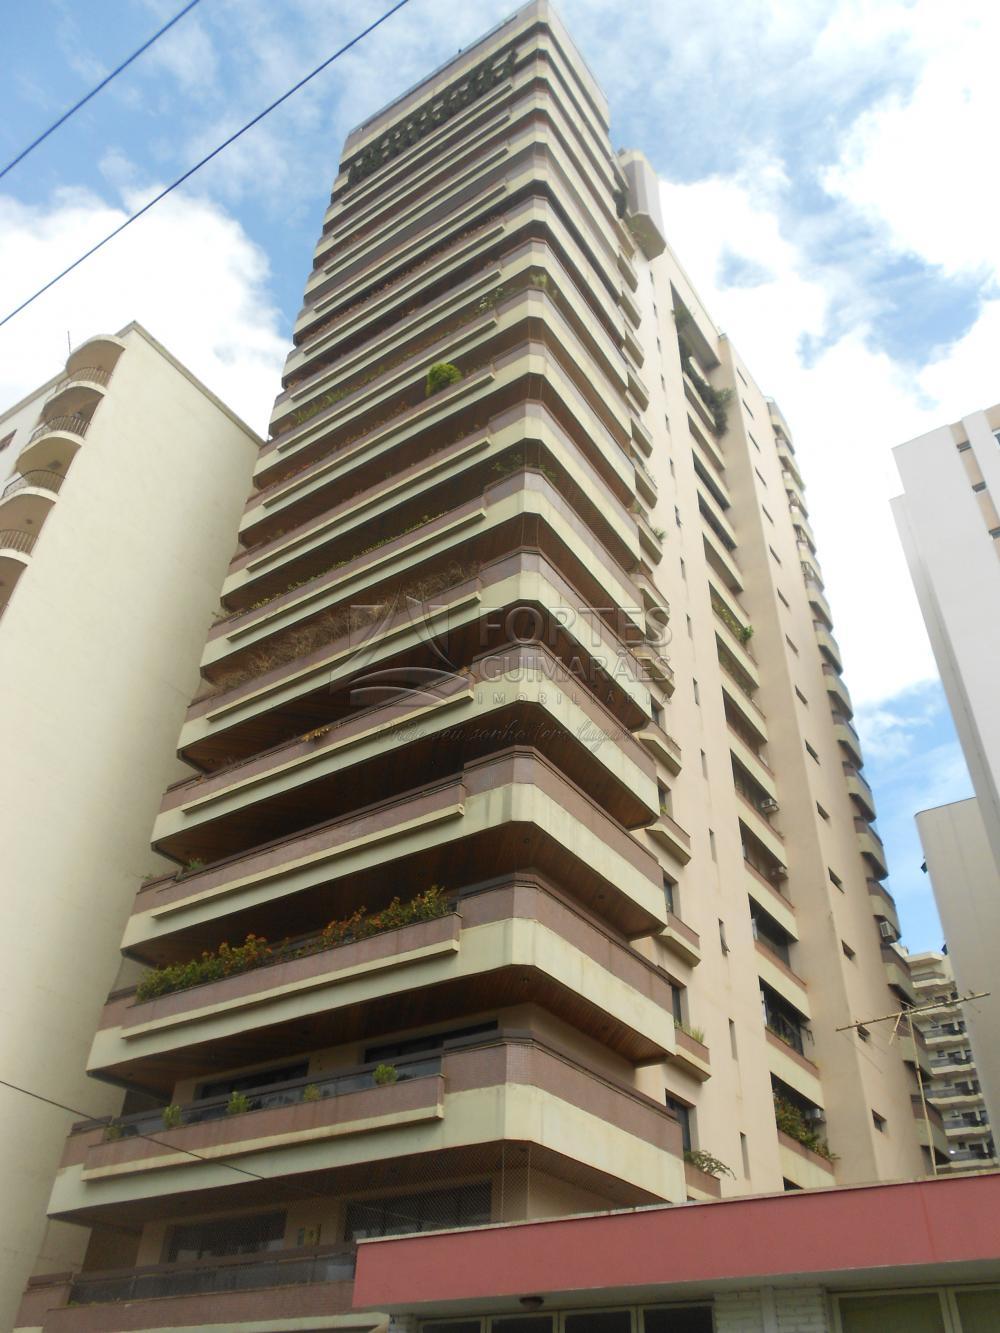 Alugar Apartamentos / Padrão em Ribeirão Preto apenas R$ 3.800,00 - Foto 1